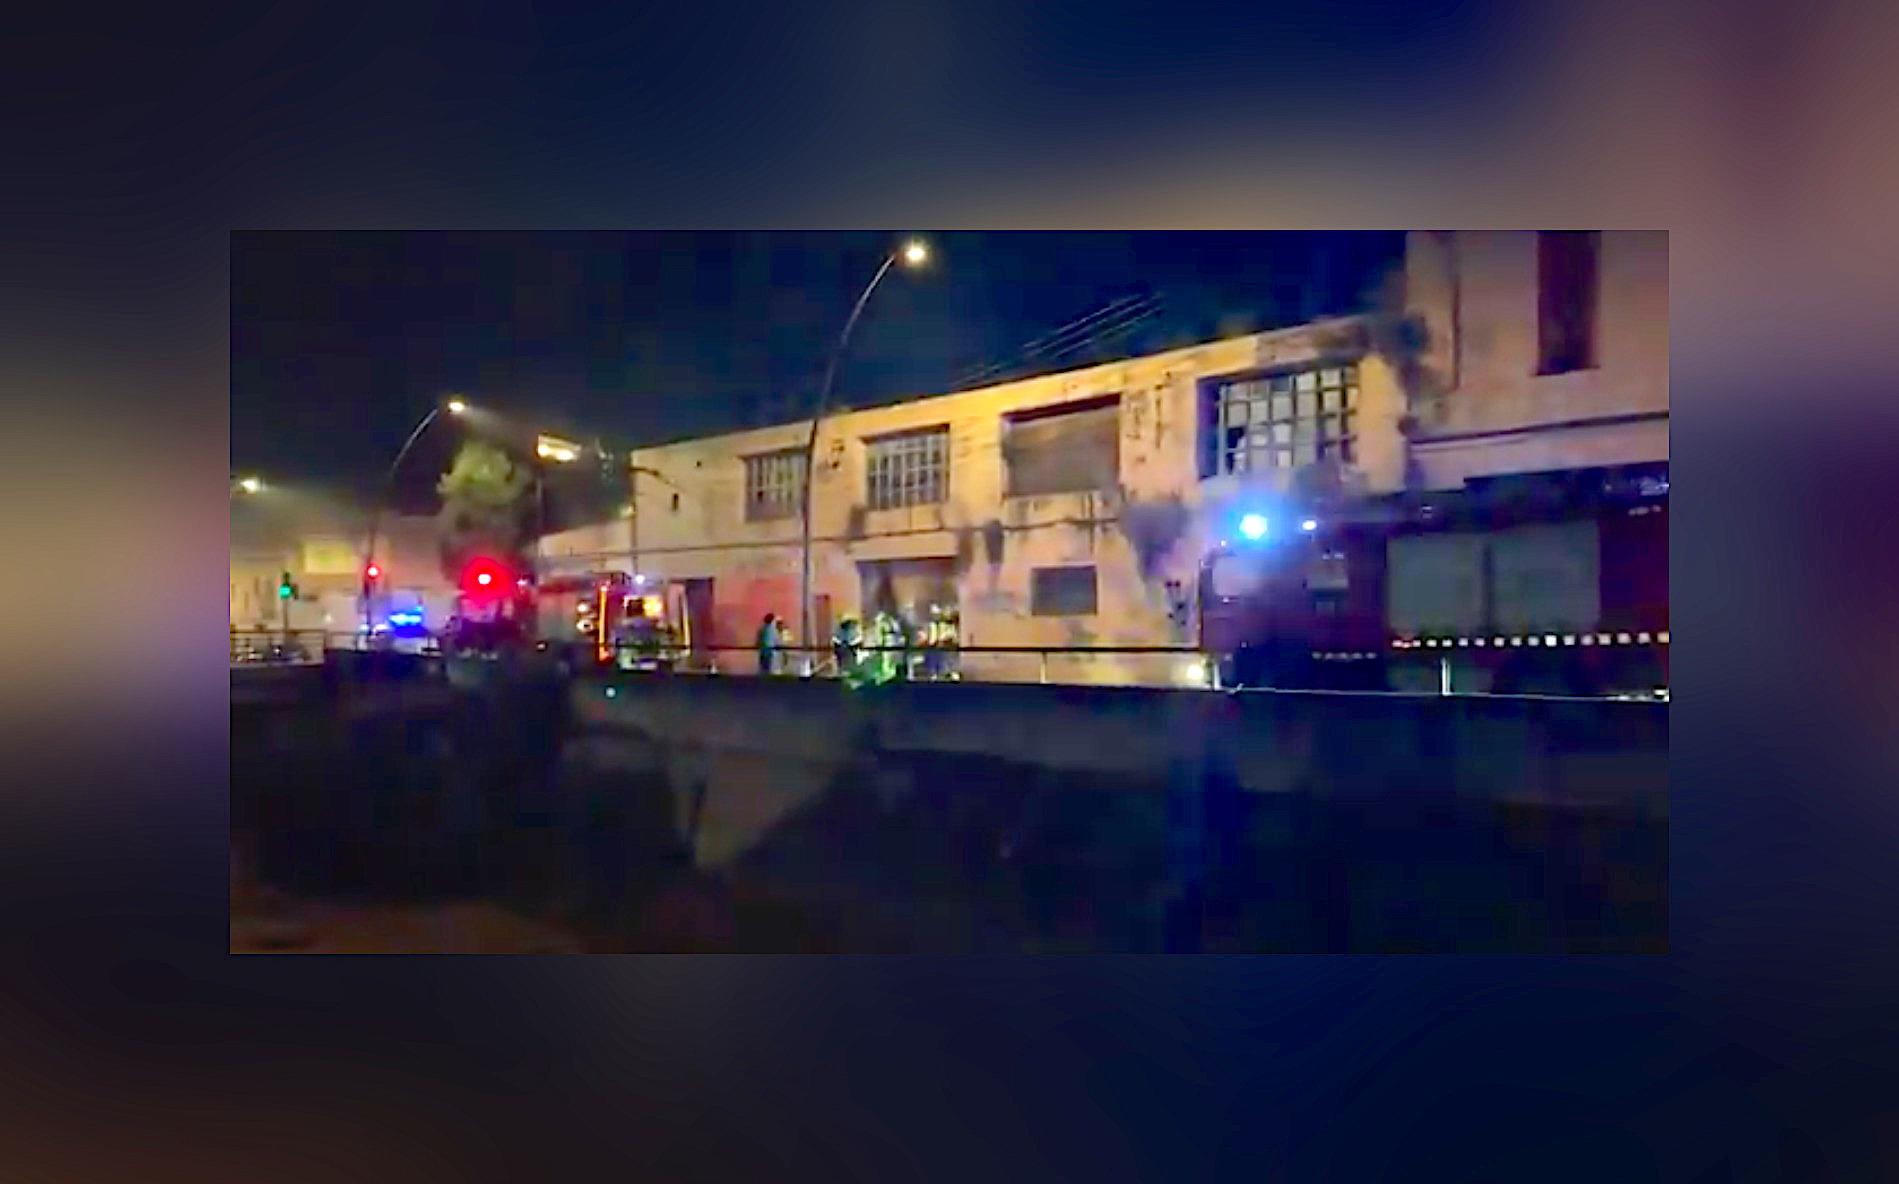 Incendi una antiga fàbrica abandonada a la ronda de Ponent cantonada amb l'avinguda Joaquim Sagrera